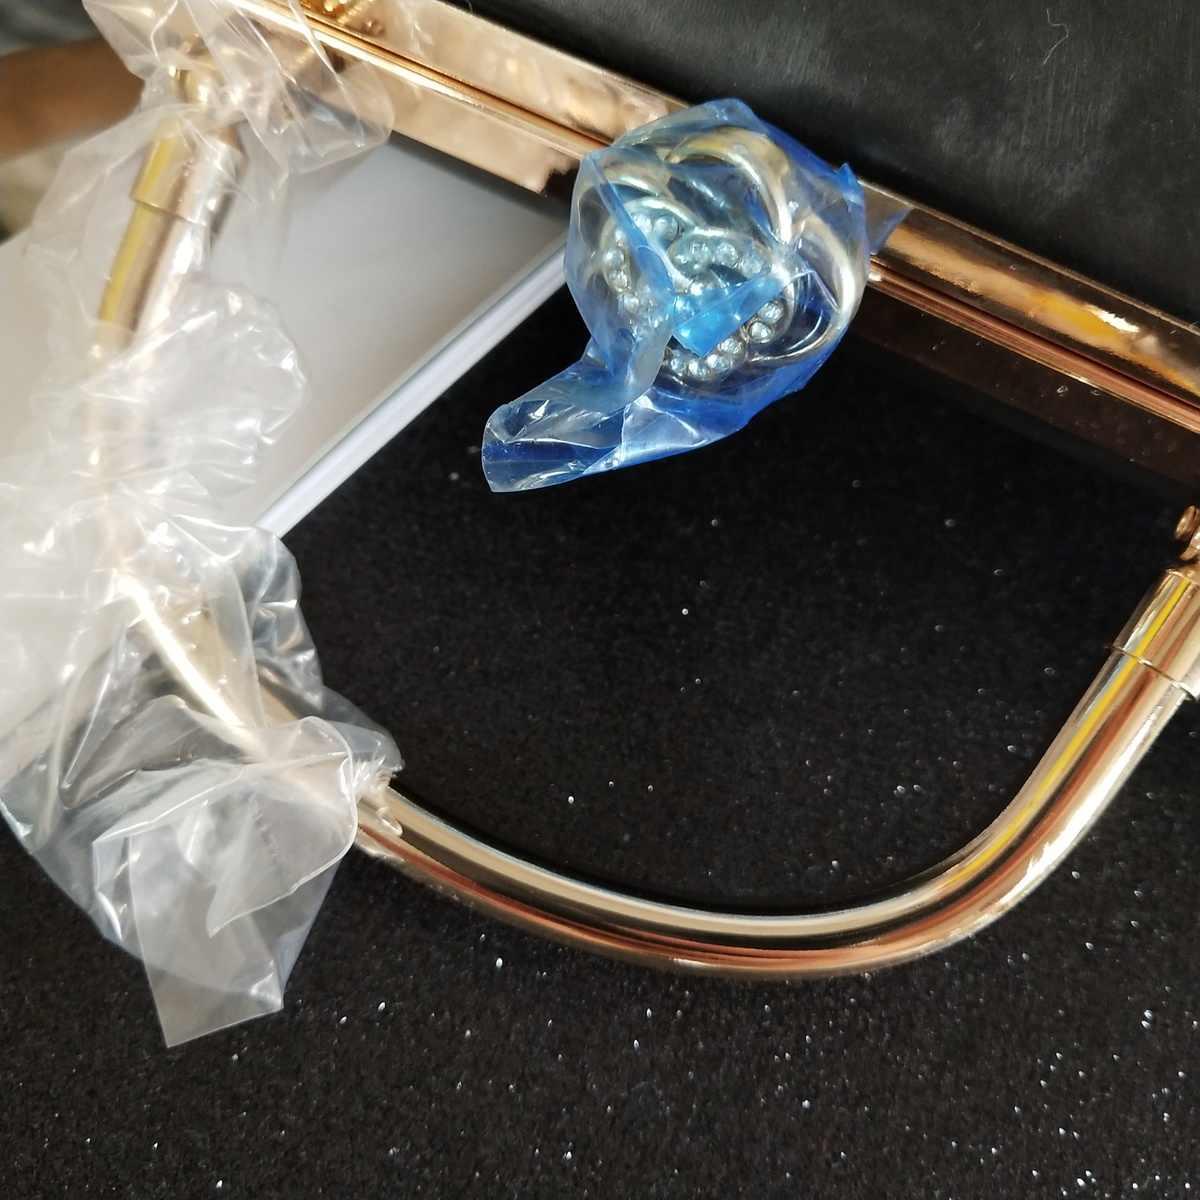 Wird Kapazität Kleber Rose Kopf Trapez Fall Mund Goldene Box Abendessen Paket Export Von Gold Paket Metall Teile Senden Papier typ